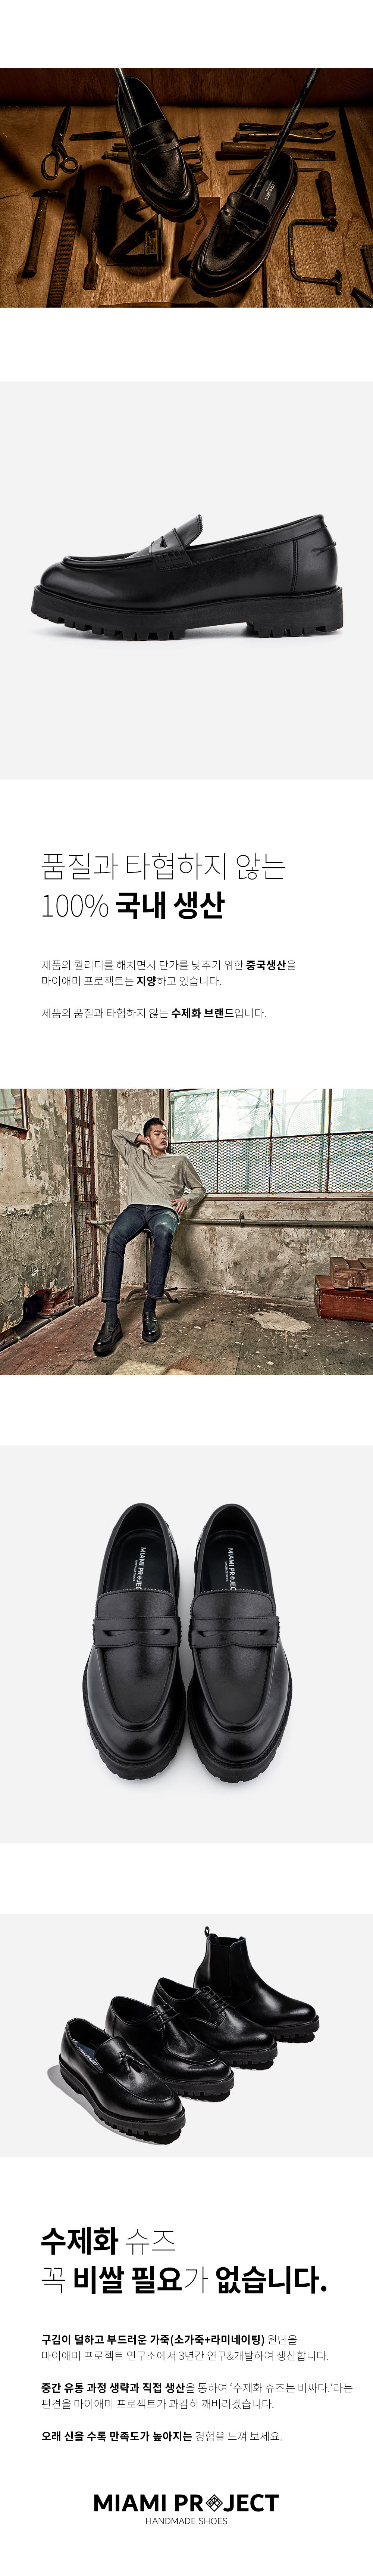 [마이애미프로젝트] 0691 칼레오초 천연소가죽 페니 로퍼 밴타블랙